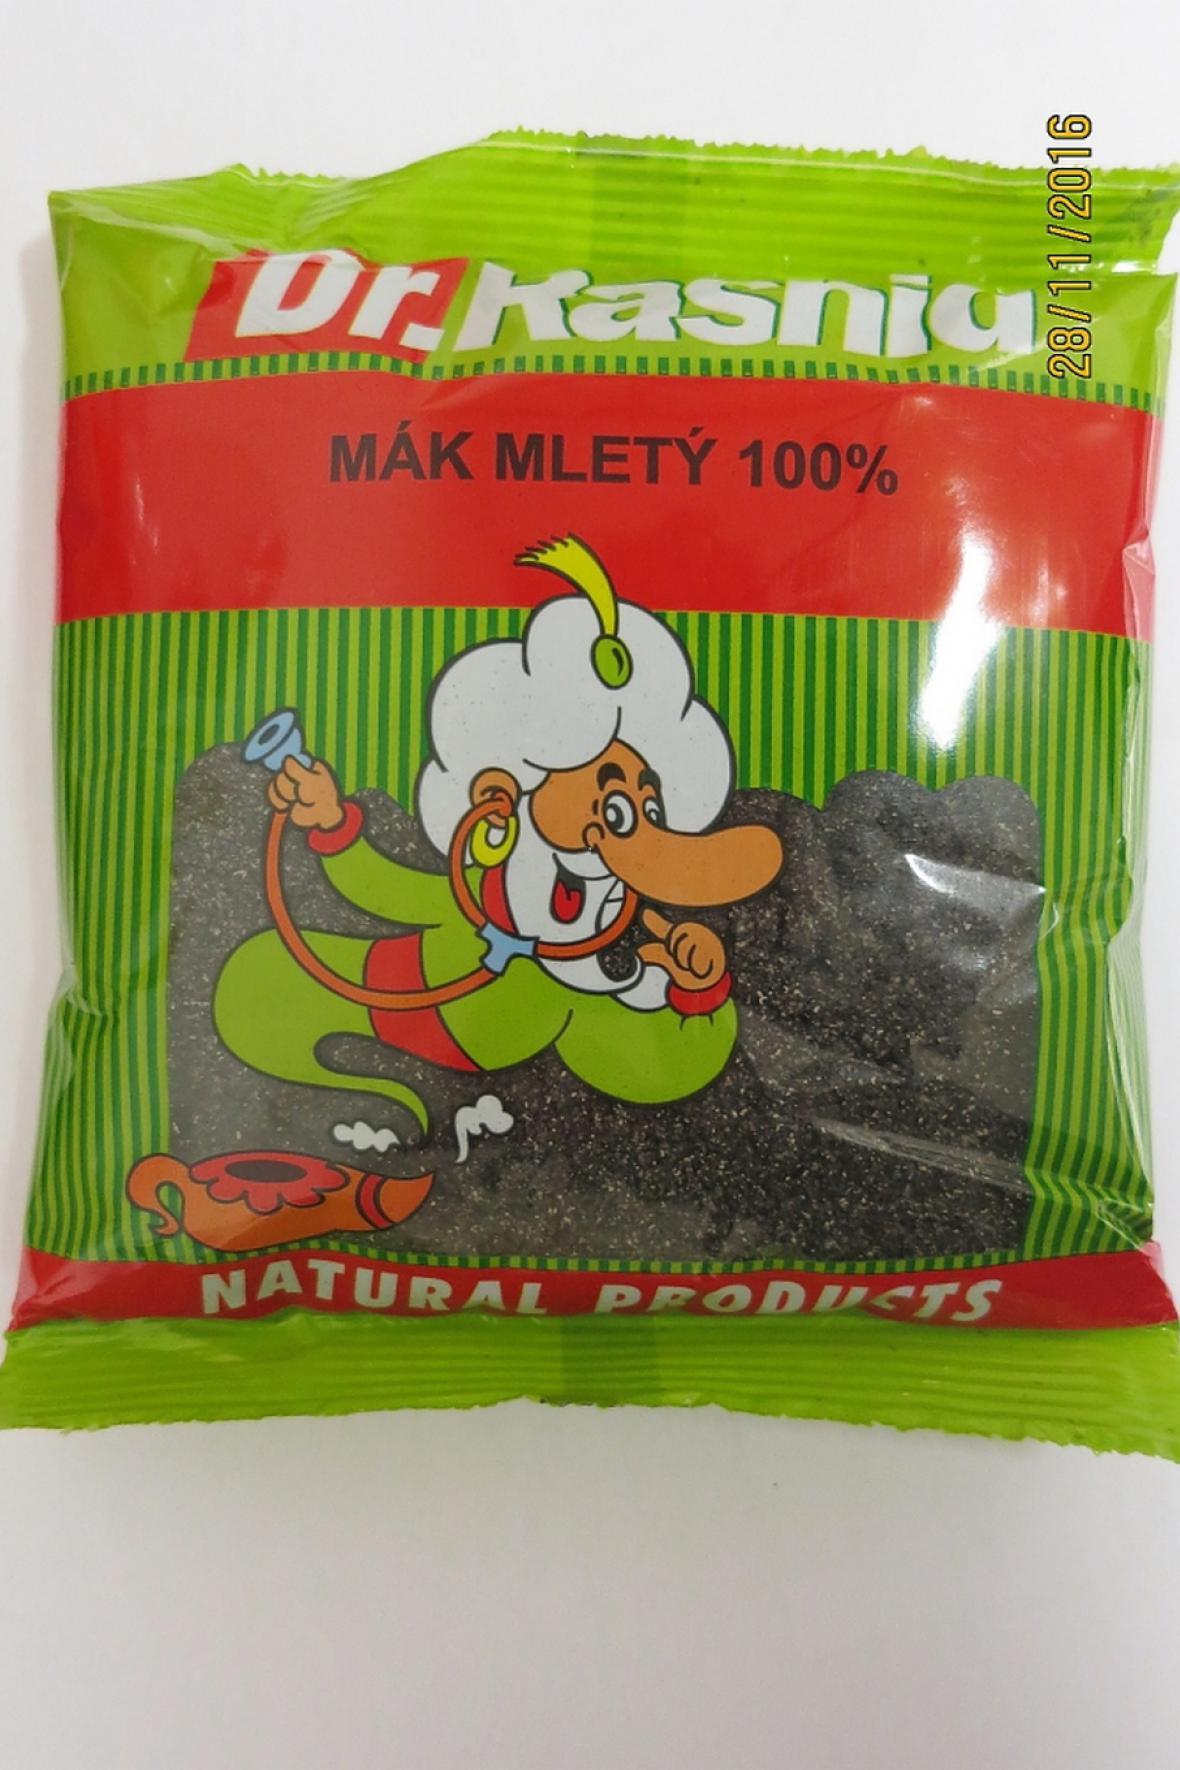 Mák, který obsahoval nadměrné množství pozůstatků pesticidů.